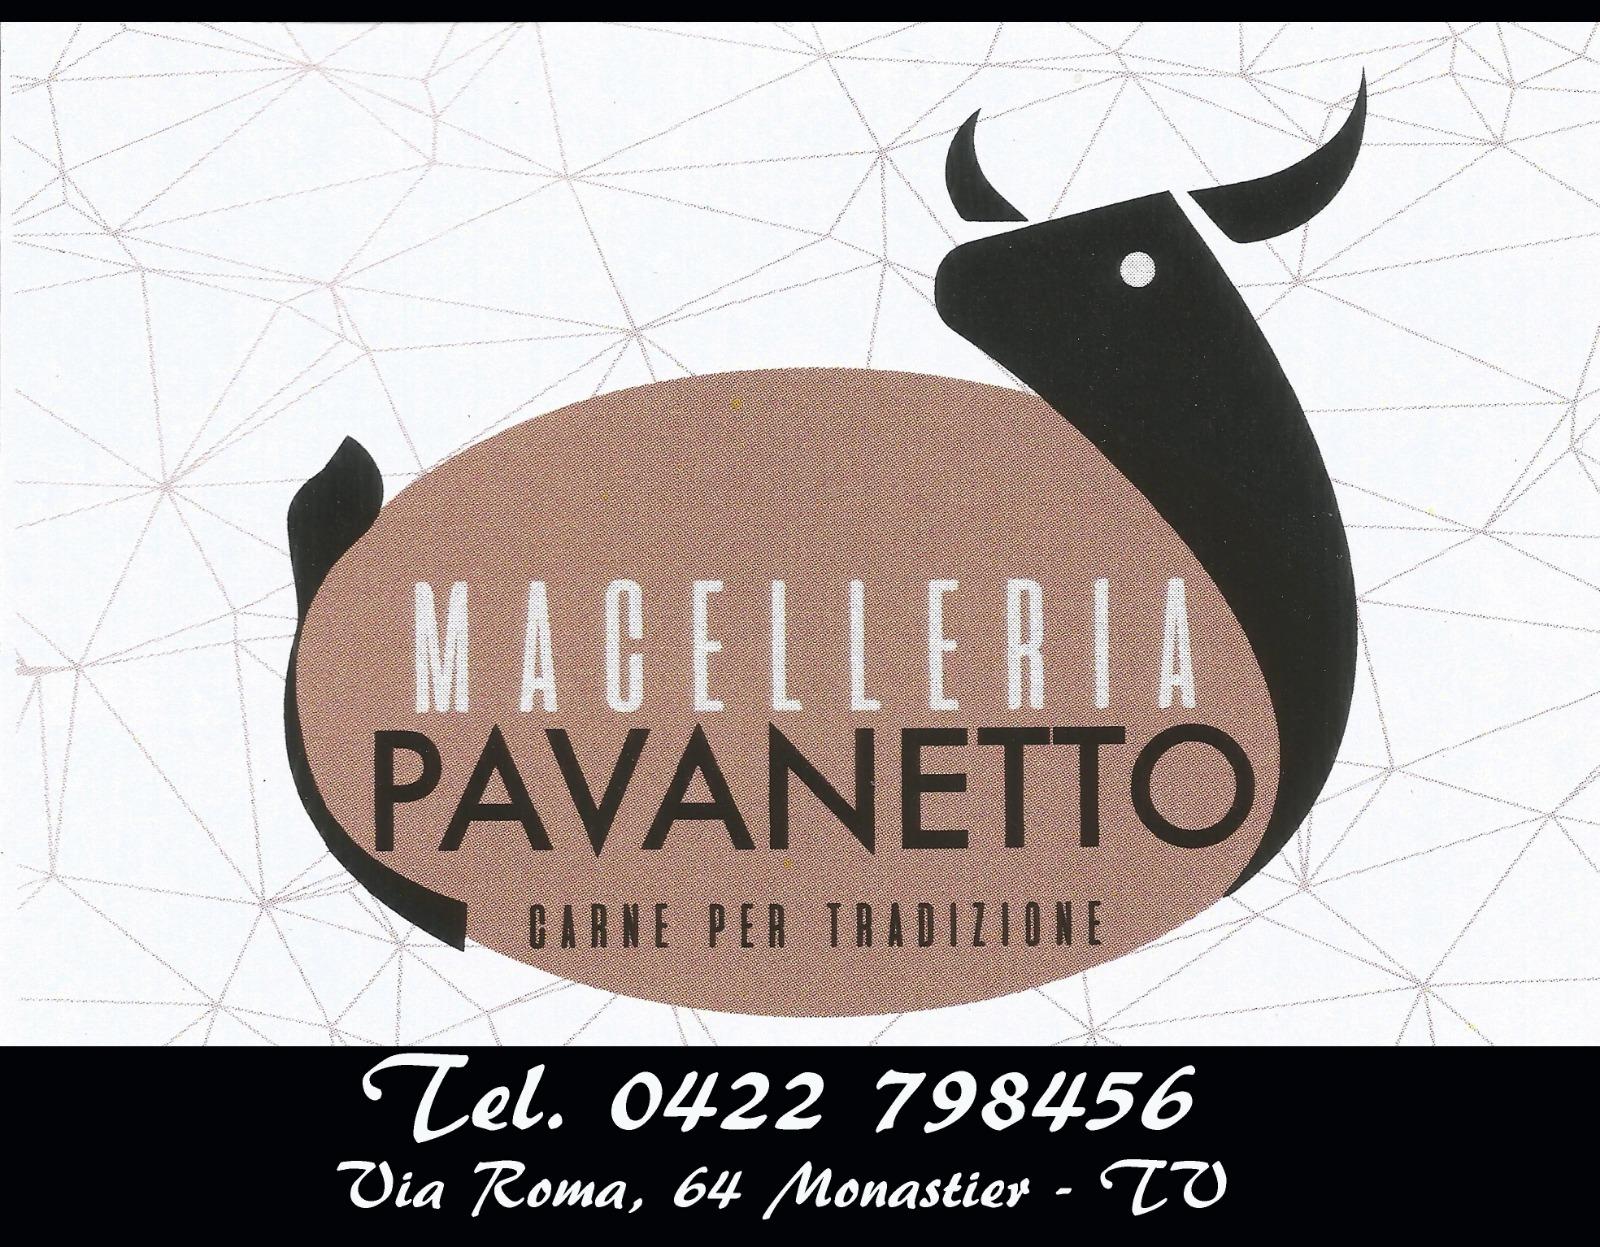 pavanetto-macelleria-banner.jpg